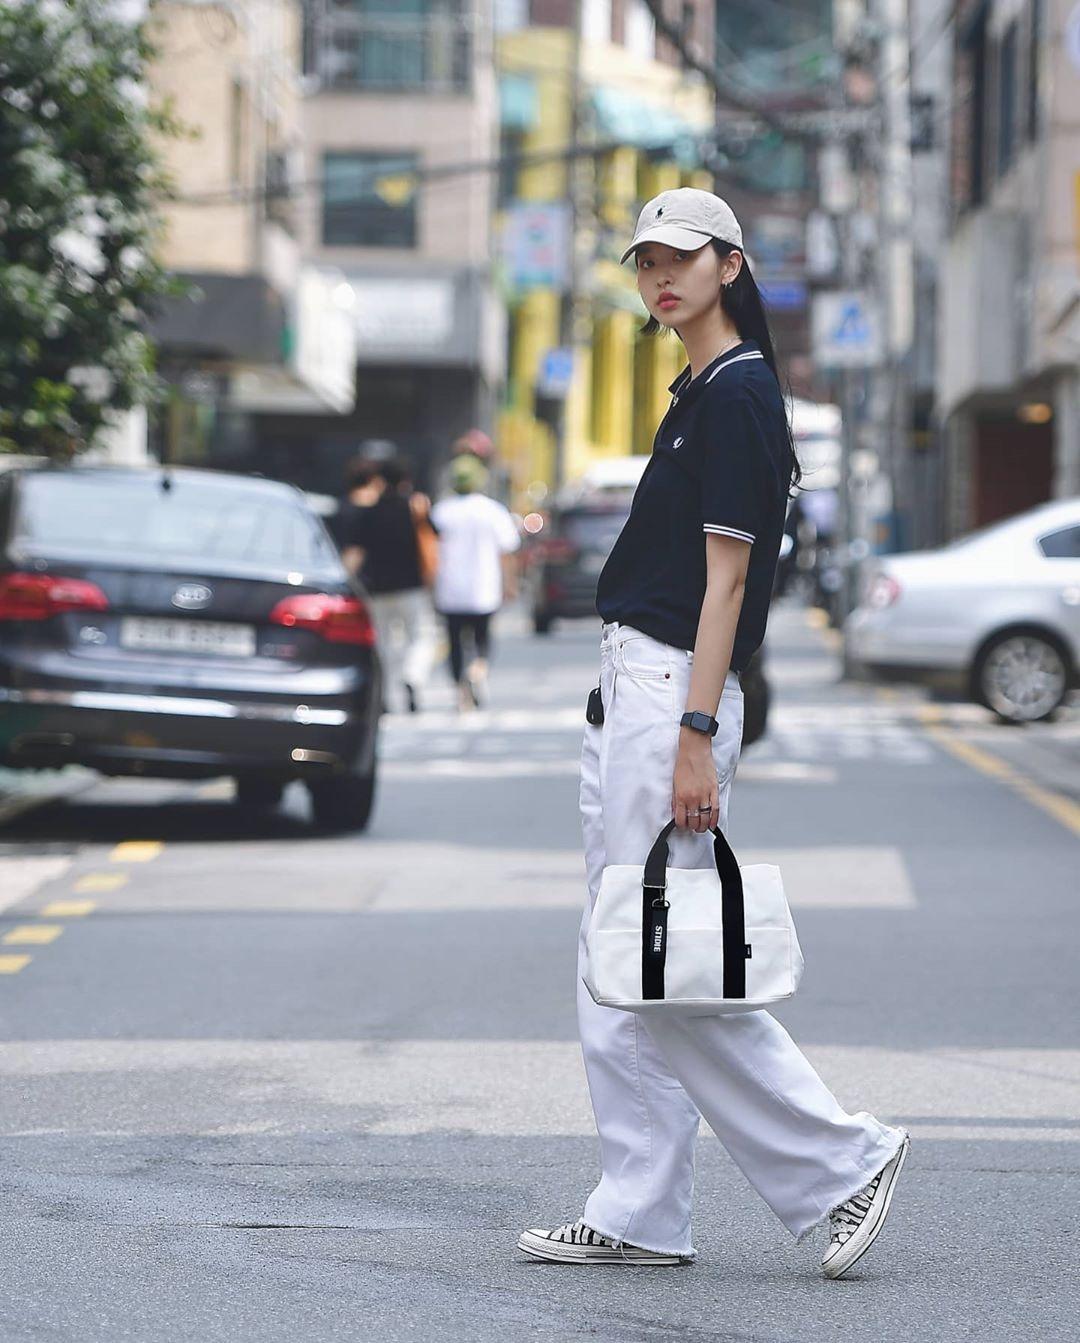 Ở Hàn Quốc, các cô gái chuộng phong cách sporty. Trang phục thể thao hoặc mang cảm hứng thể thao được nhiều tín đồ thời trang chọn diện khi ra phố.